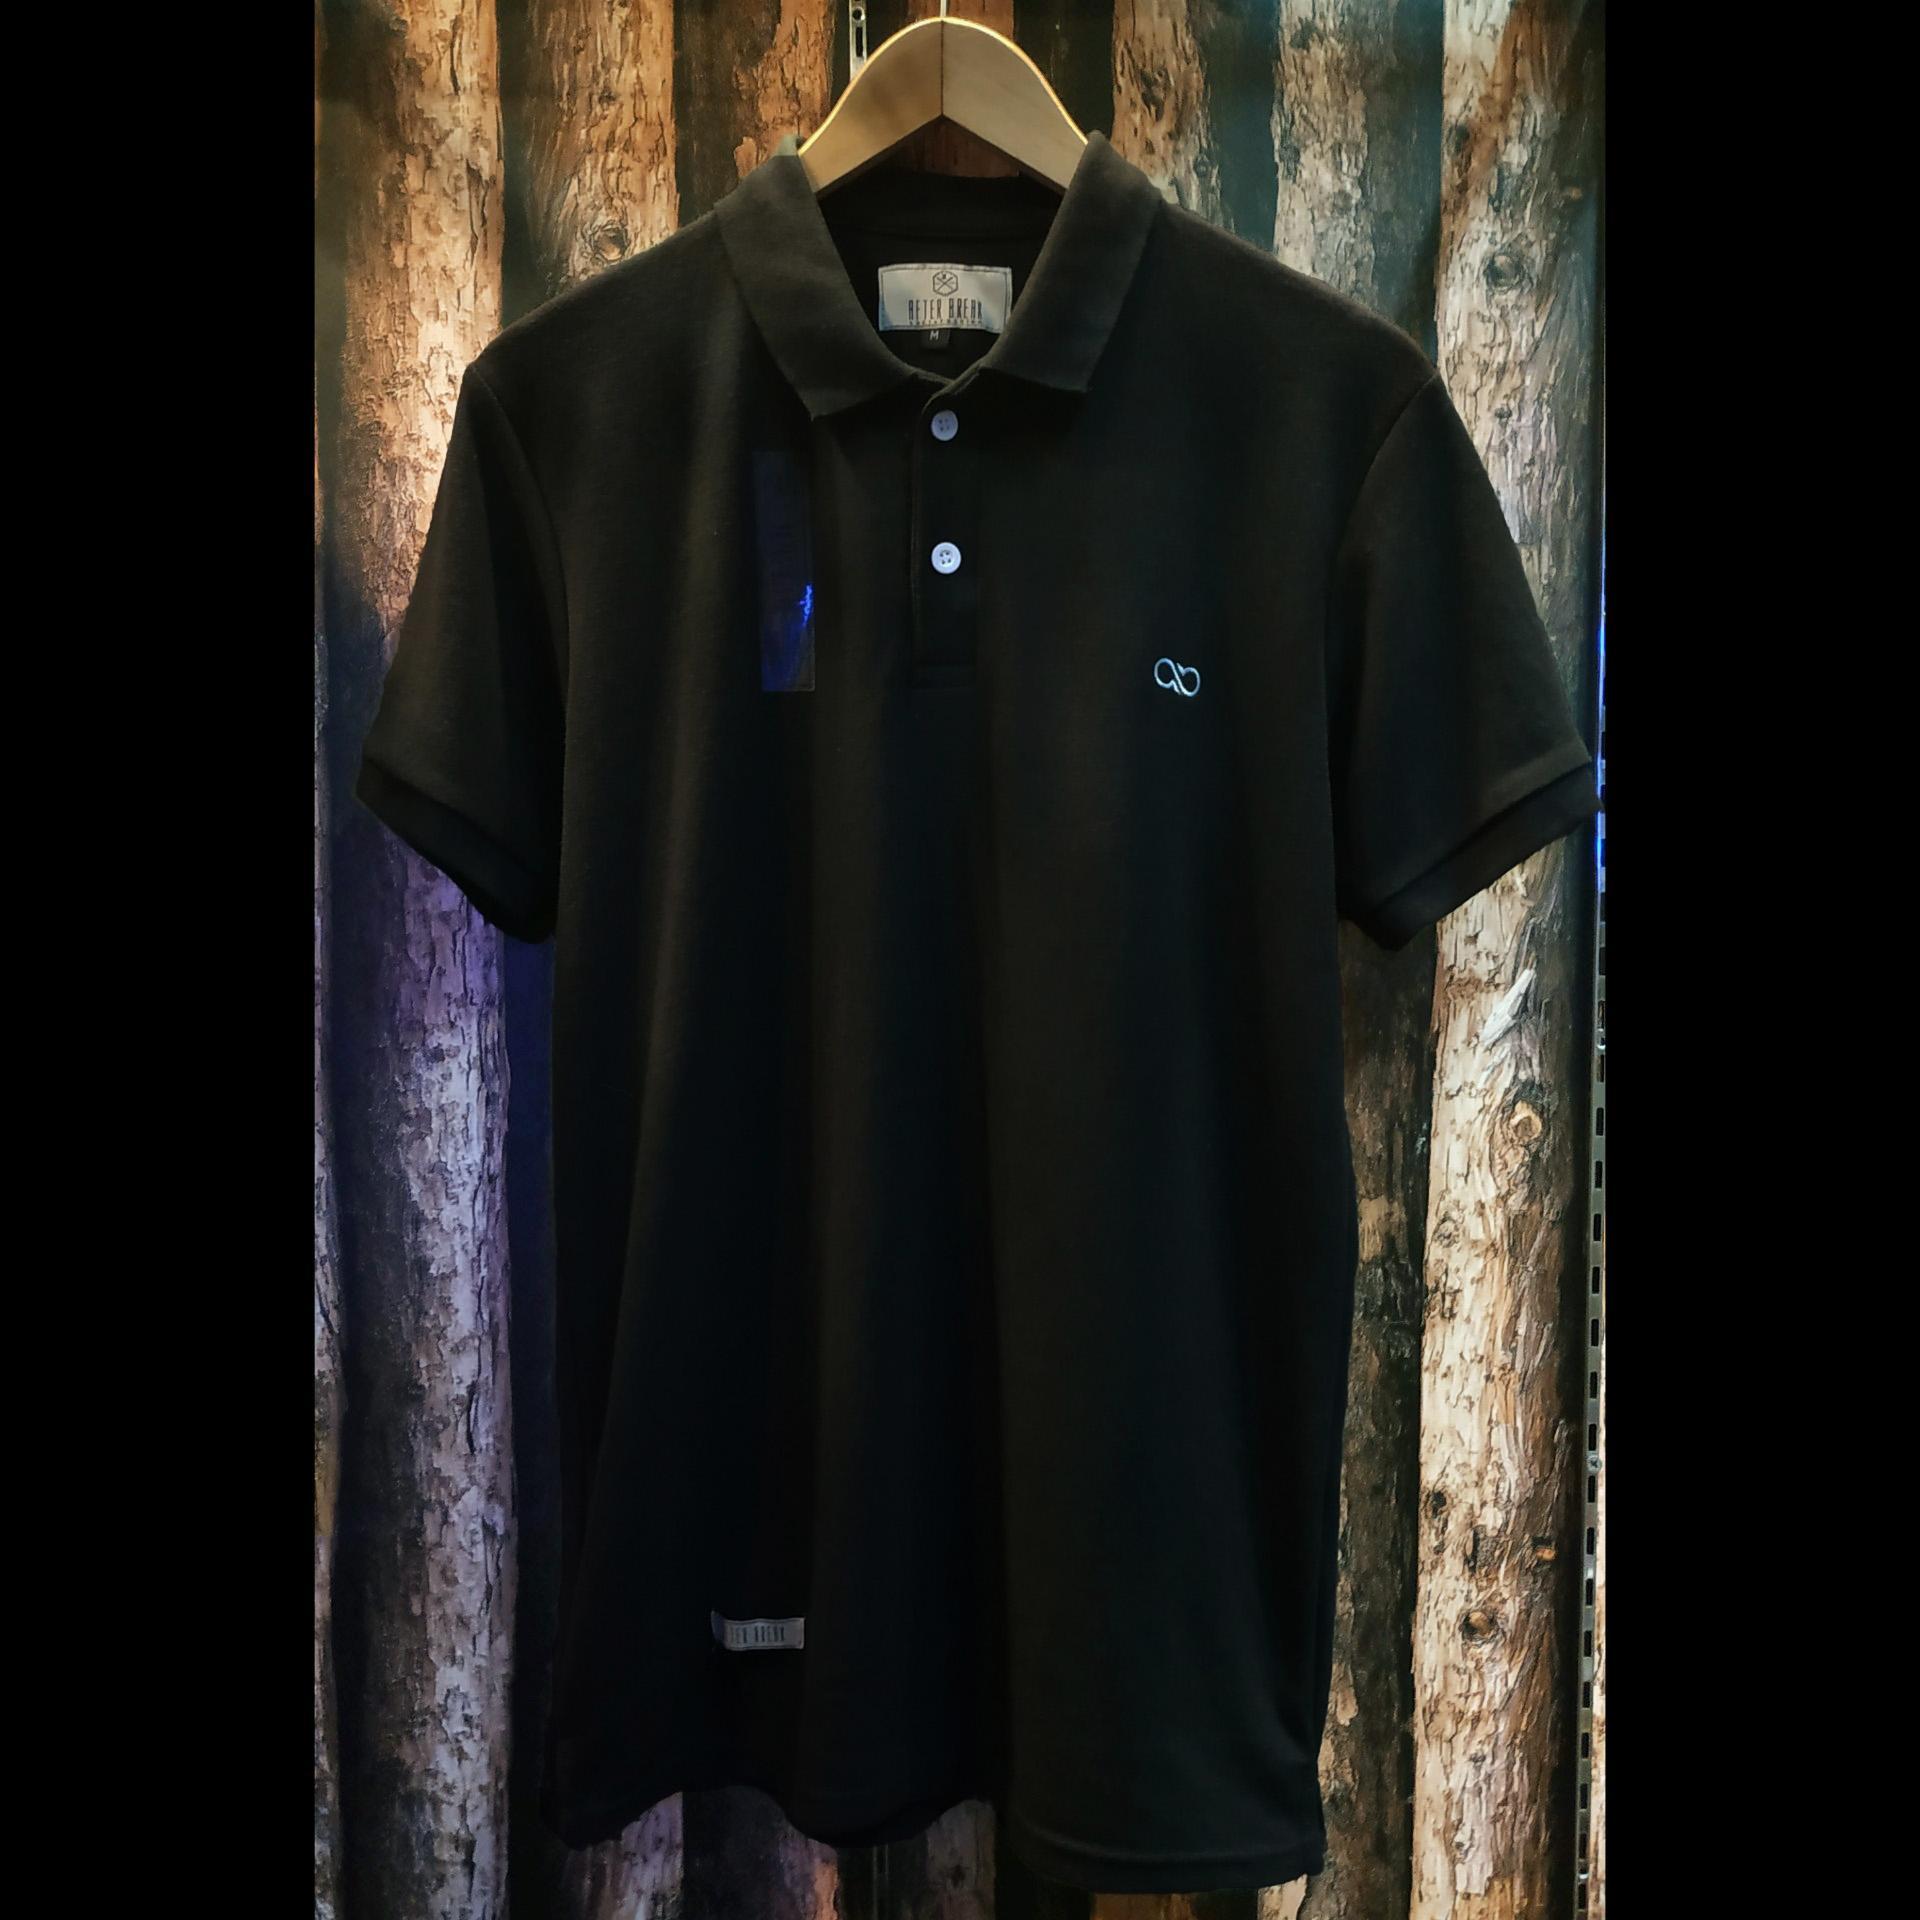 Kaos Polo Shirt Misty Lacoste Pique Kaos Krah Kaos Kerah Premium 887fb360b3